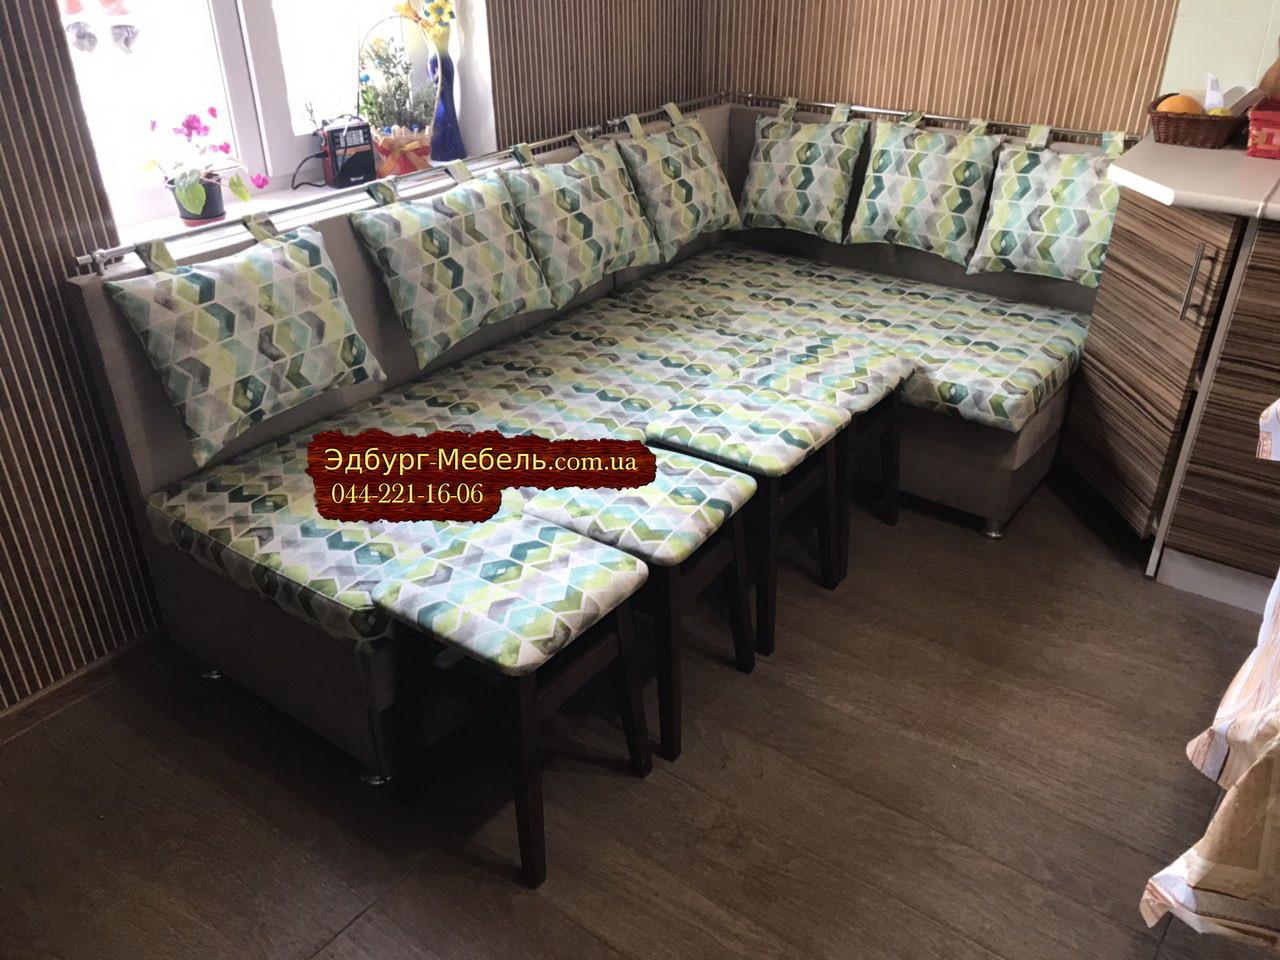 Кухонный уголок со спальным местом и табуретками